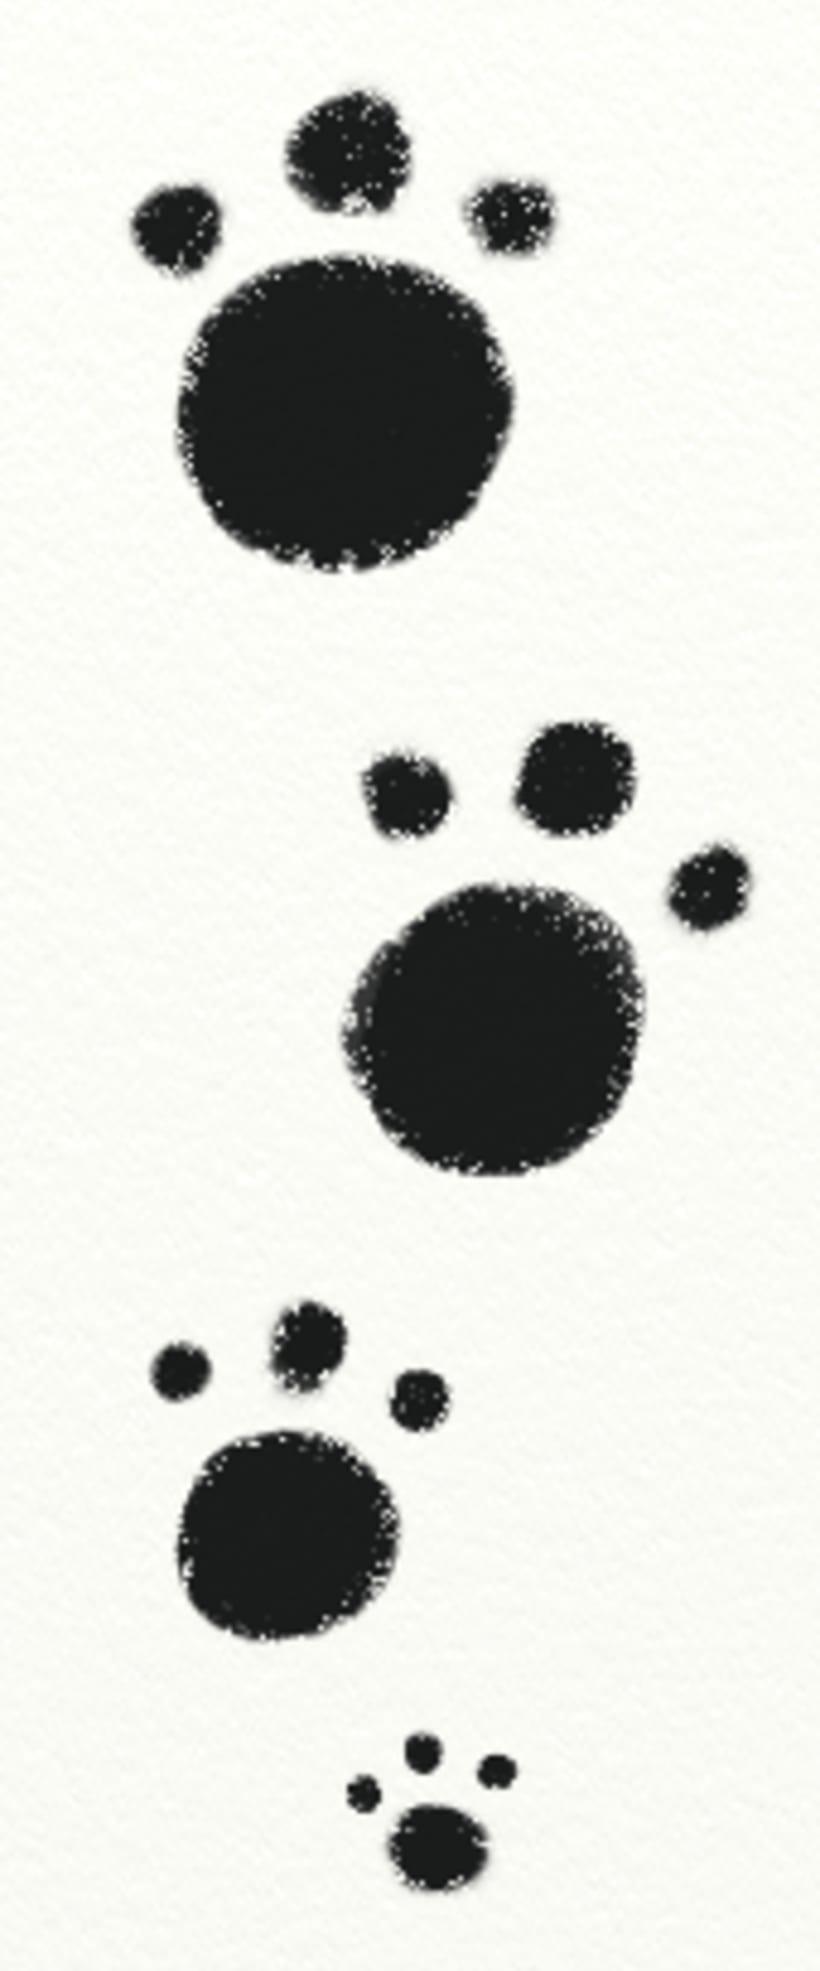 Blanco y Negro (Libro Ilustrado) 12 Ilustraciones 1